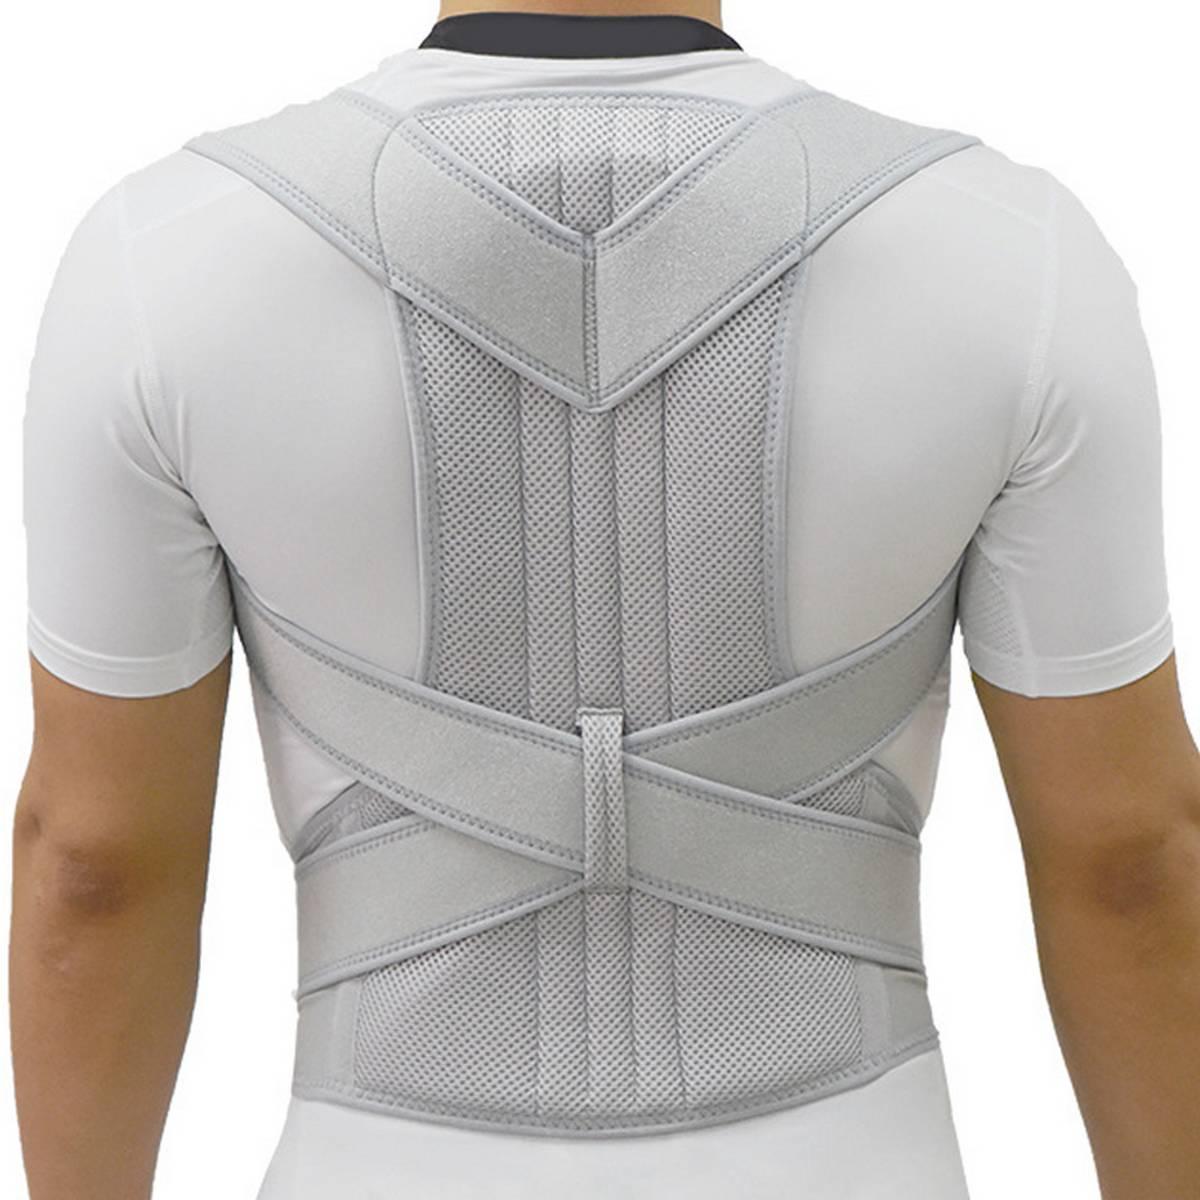 2020 Silver Posture Corrector Back Brace Spine Corset Belt Shoulder Support Posture Correction Belt For Men